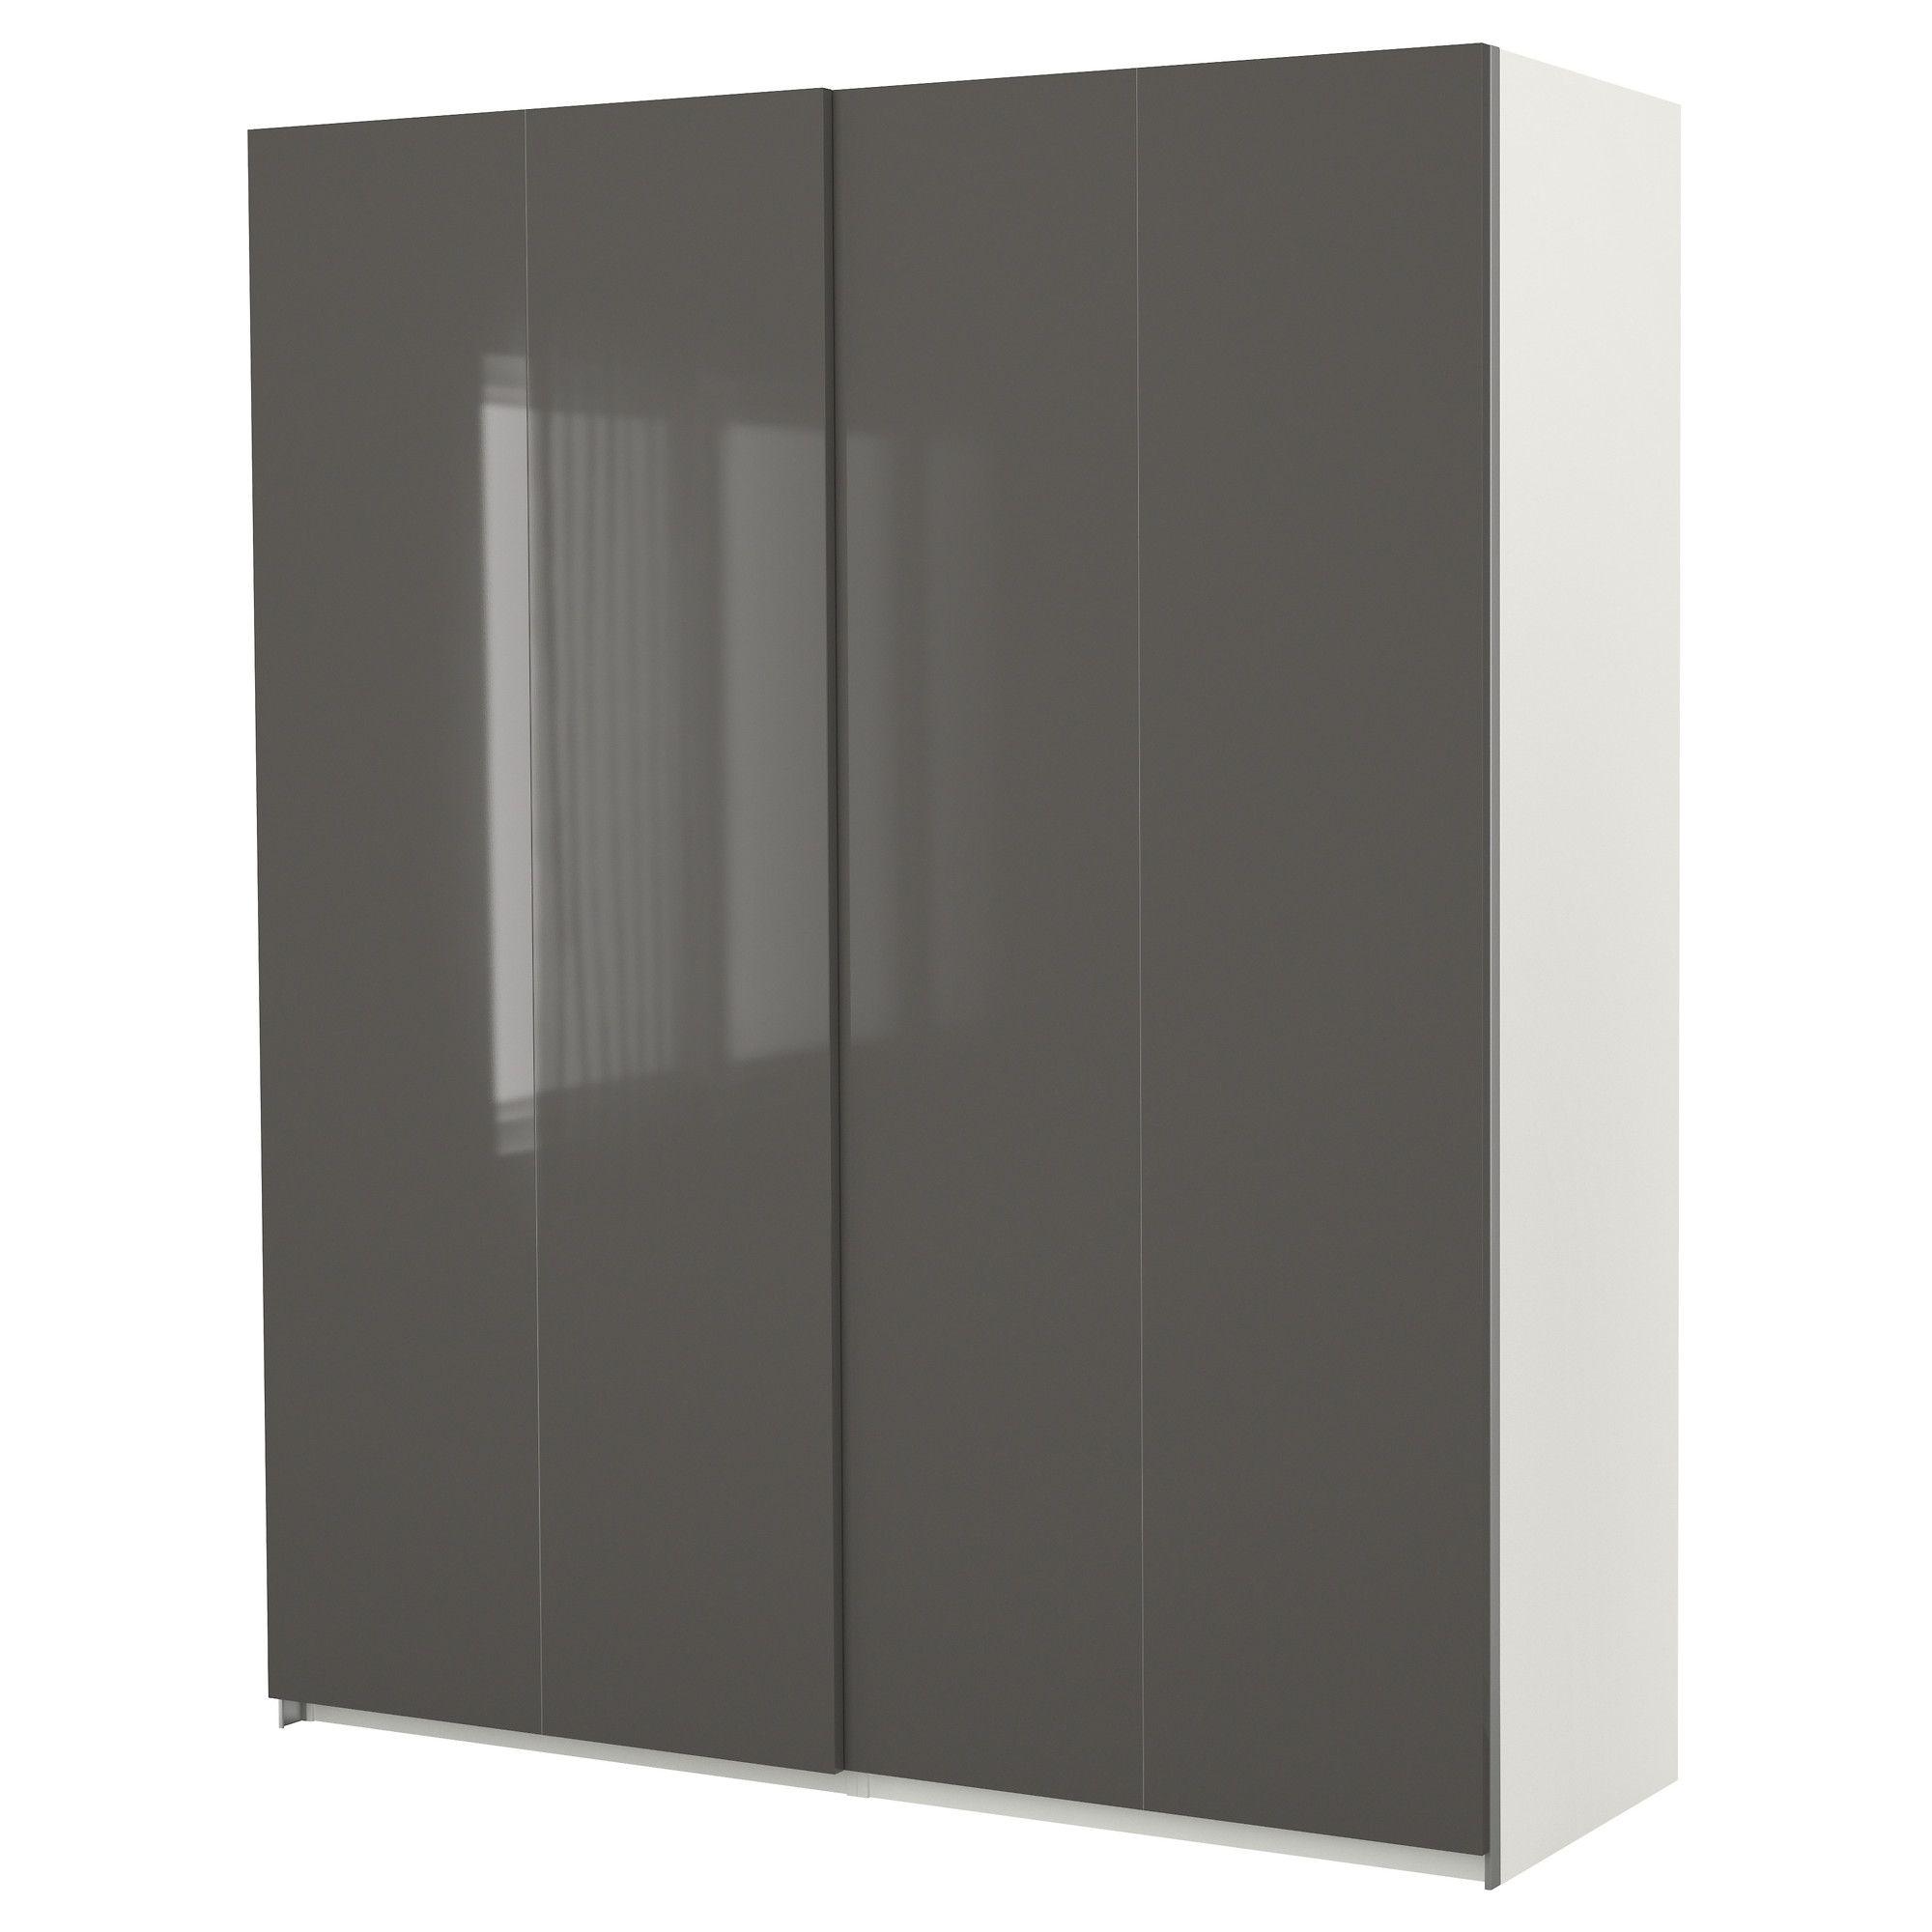 Pax armario con puertas correderas blanco hasvik alto - Armario blanco puertas correderas ...